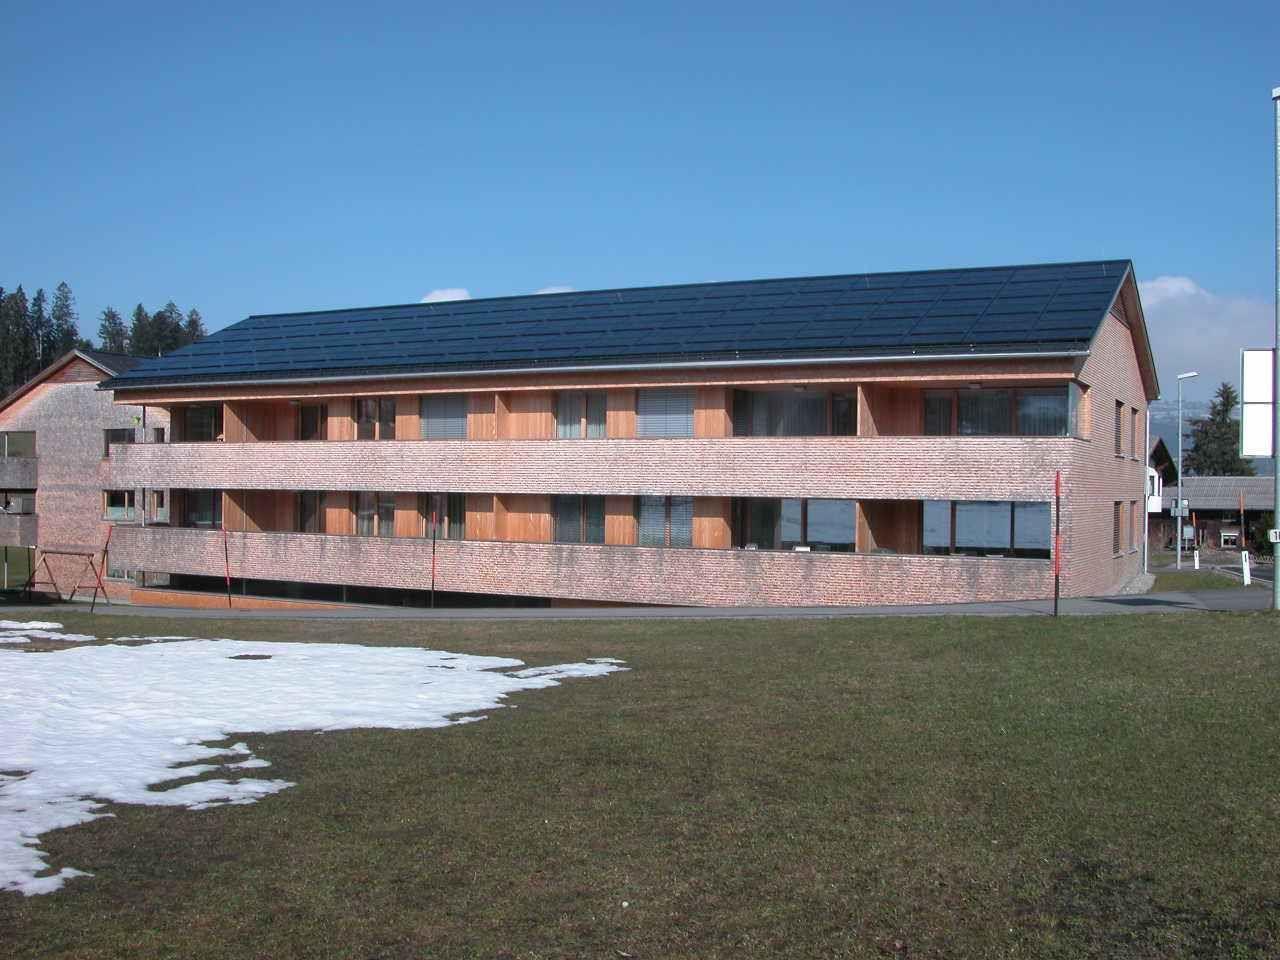 Eigene Kraftwerke am Hausdach erfreuen sich wachsender Beliebtheit.